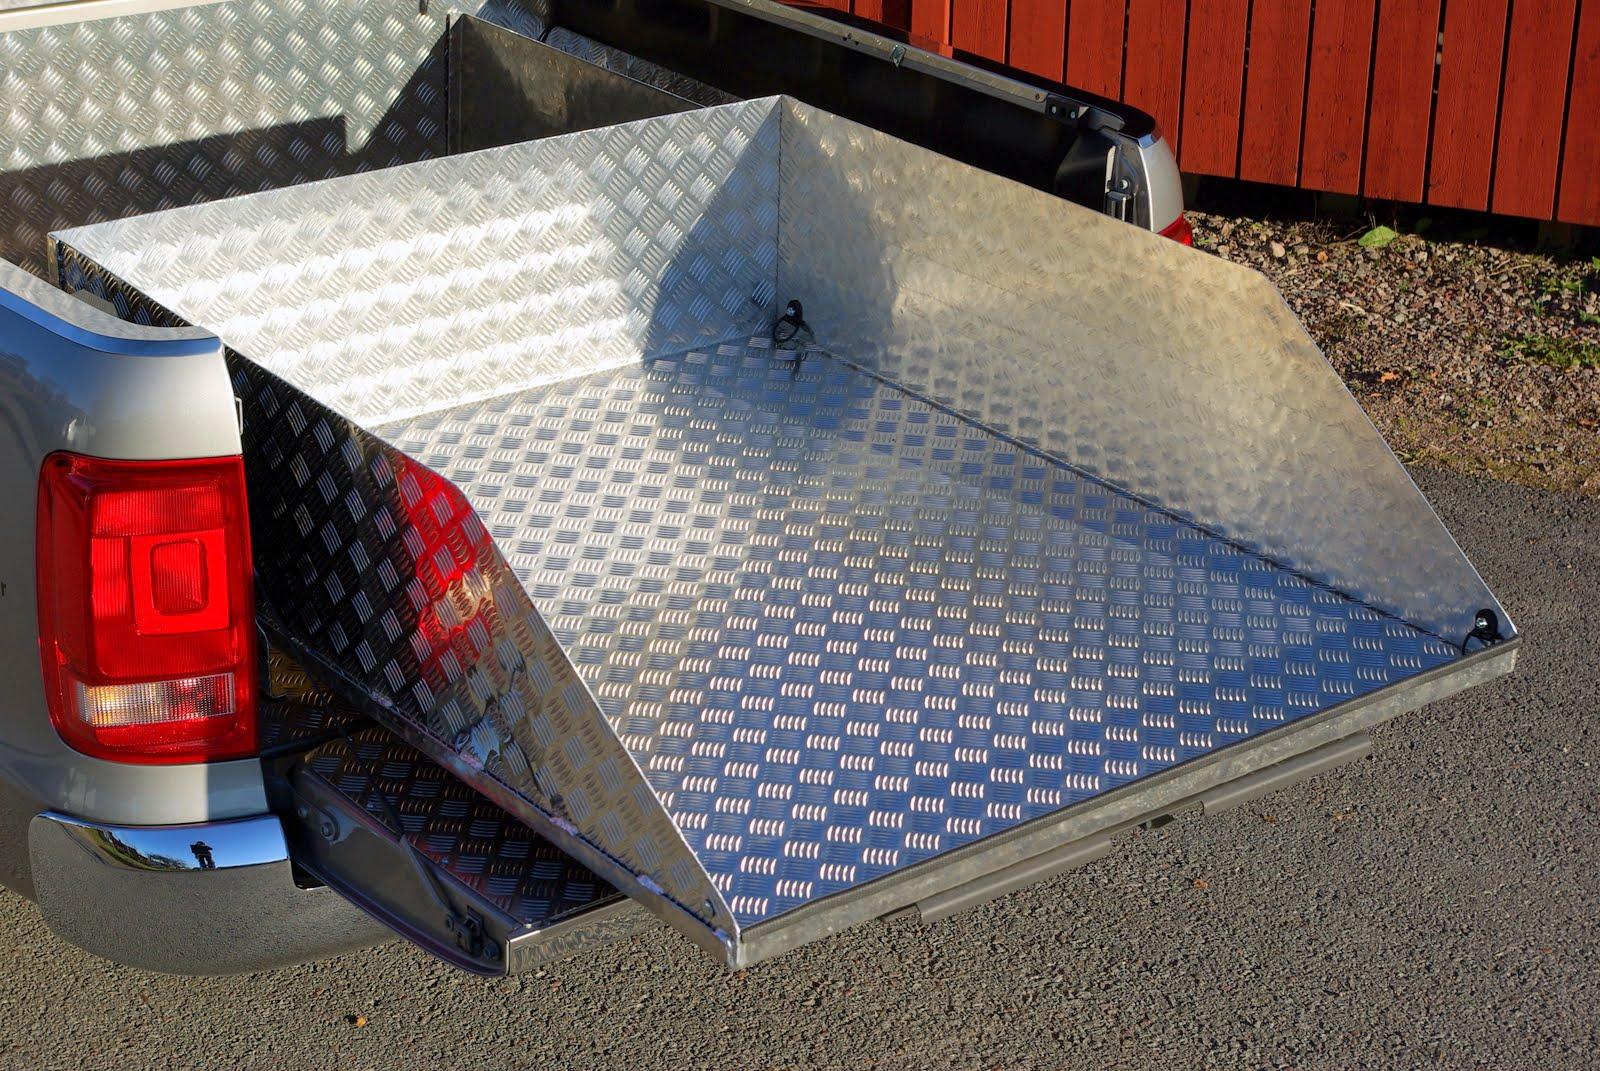 Lastsläde med förvaringsfack fast monterade i bilen. I detta fall en VW Amarok.